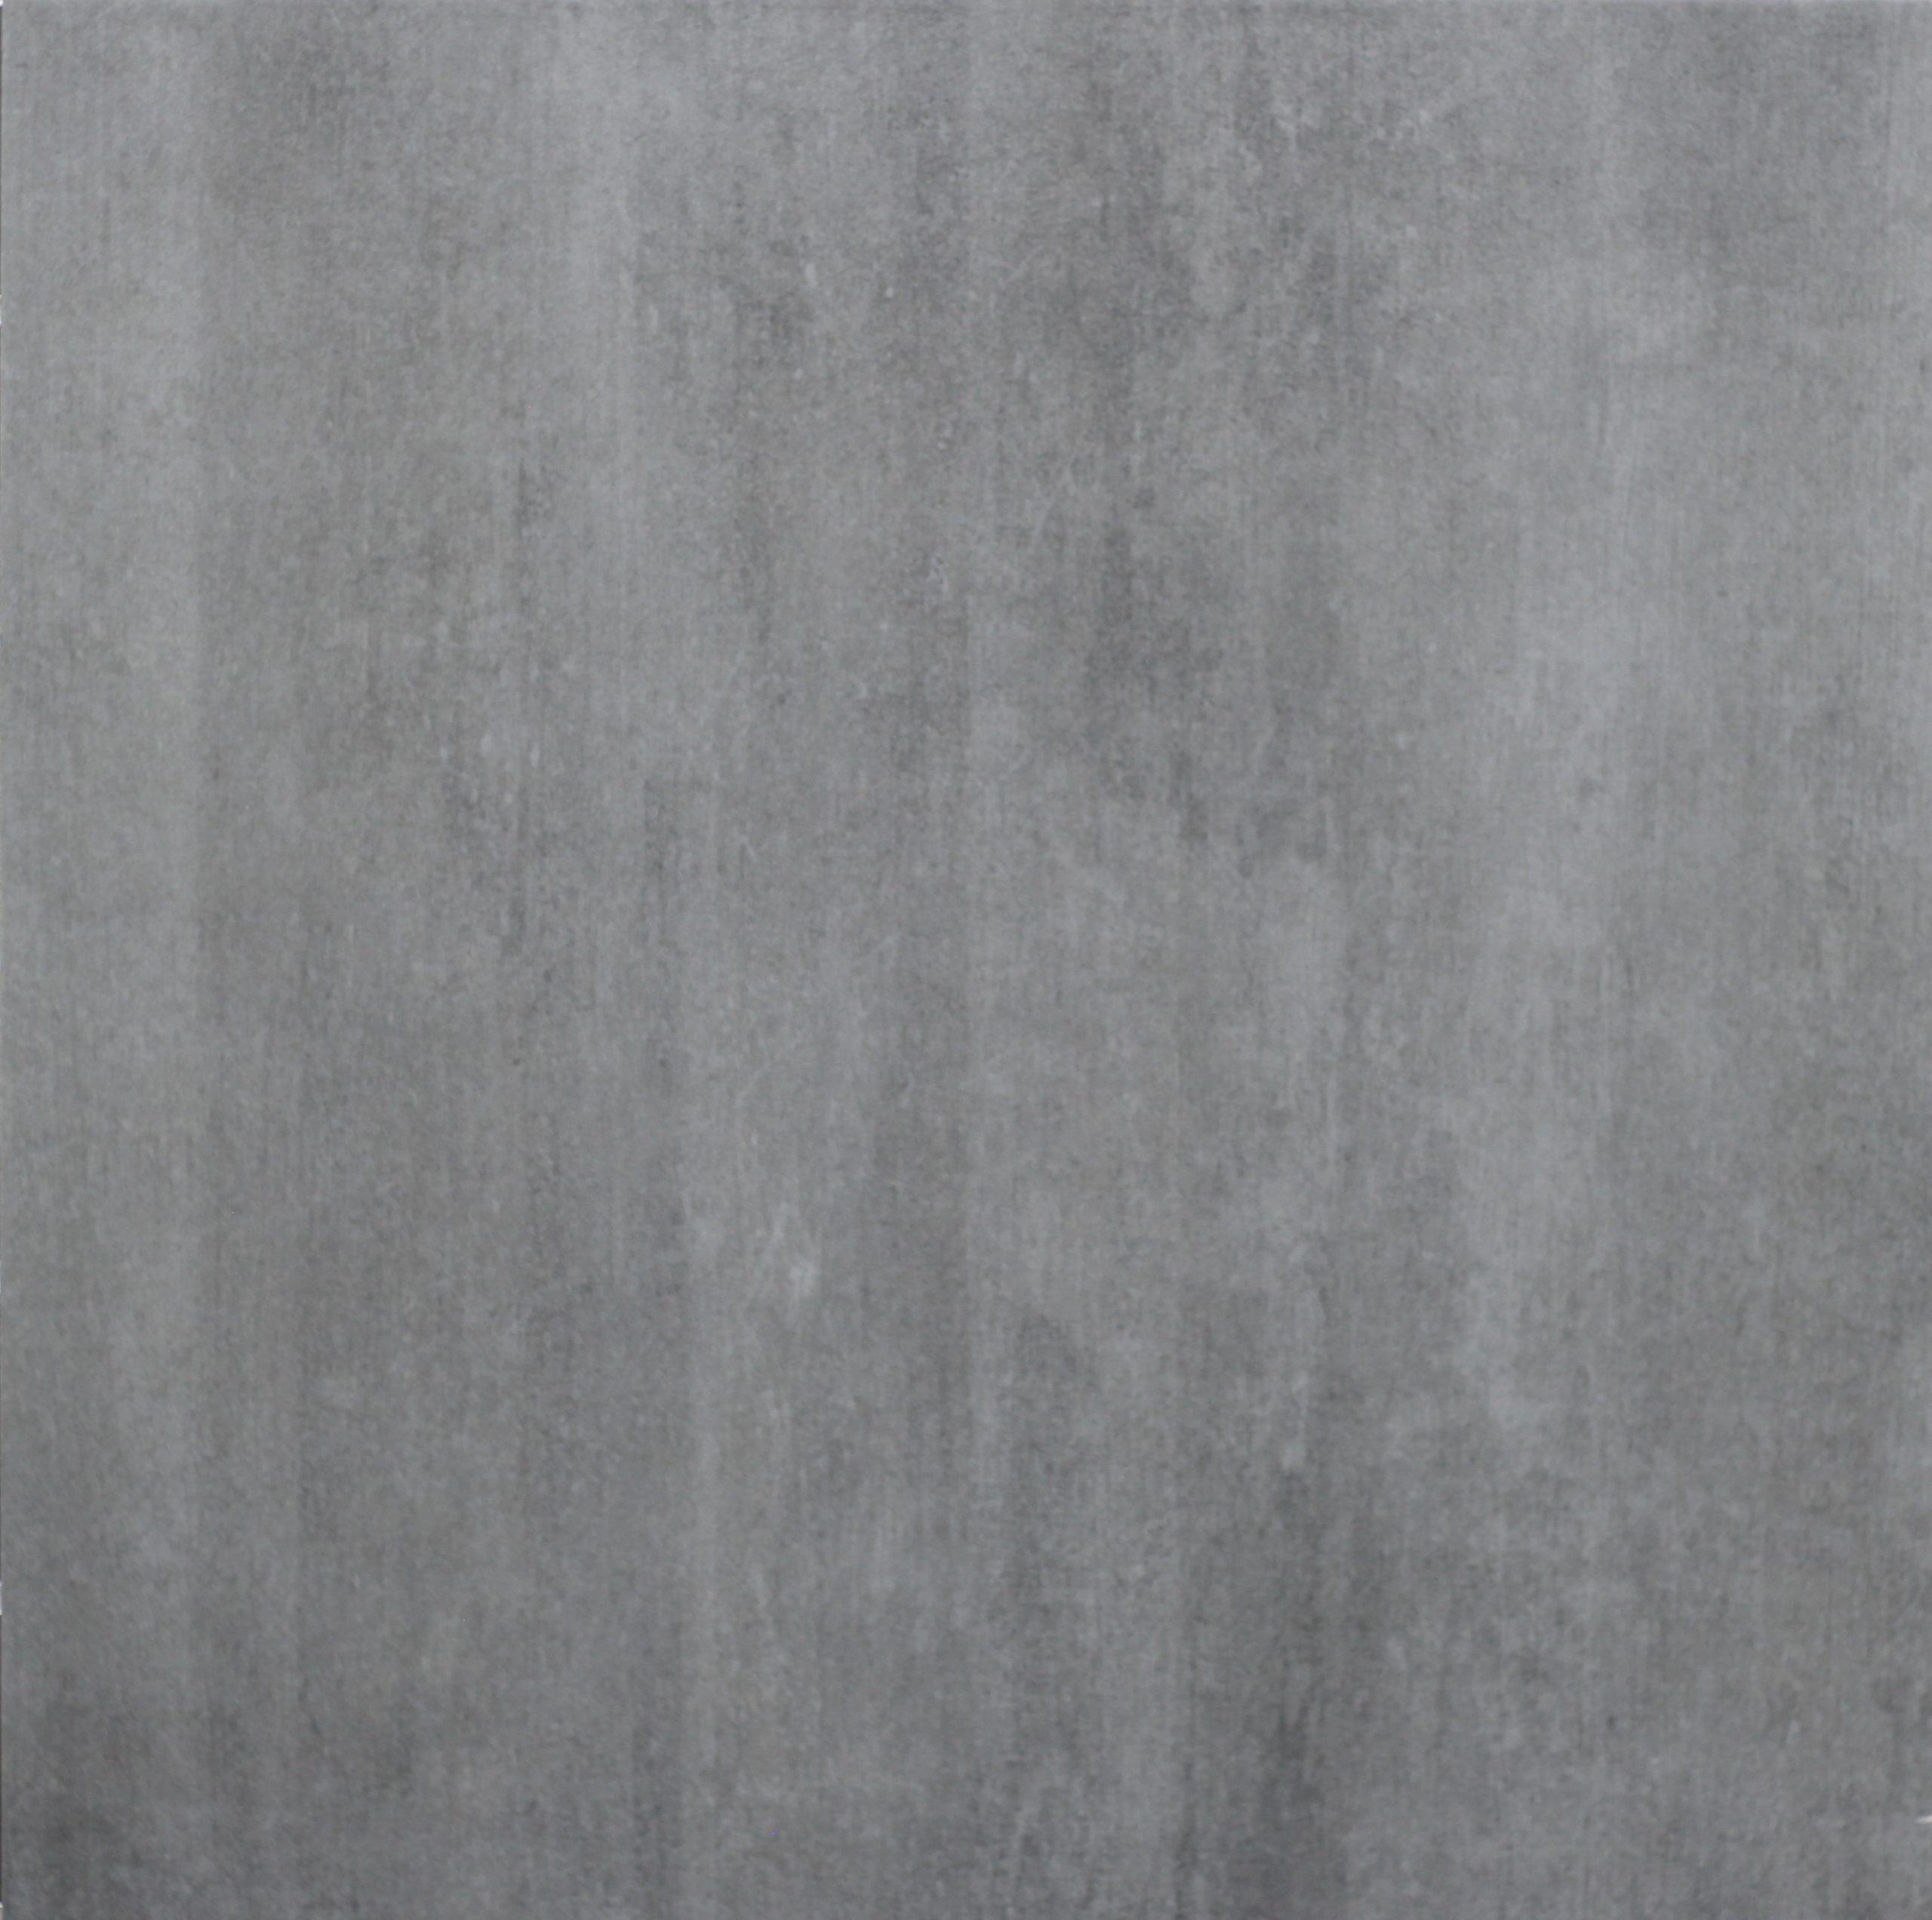 Woodcrete Charcoal 600 x 600mm